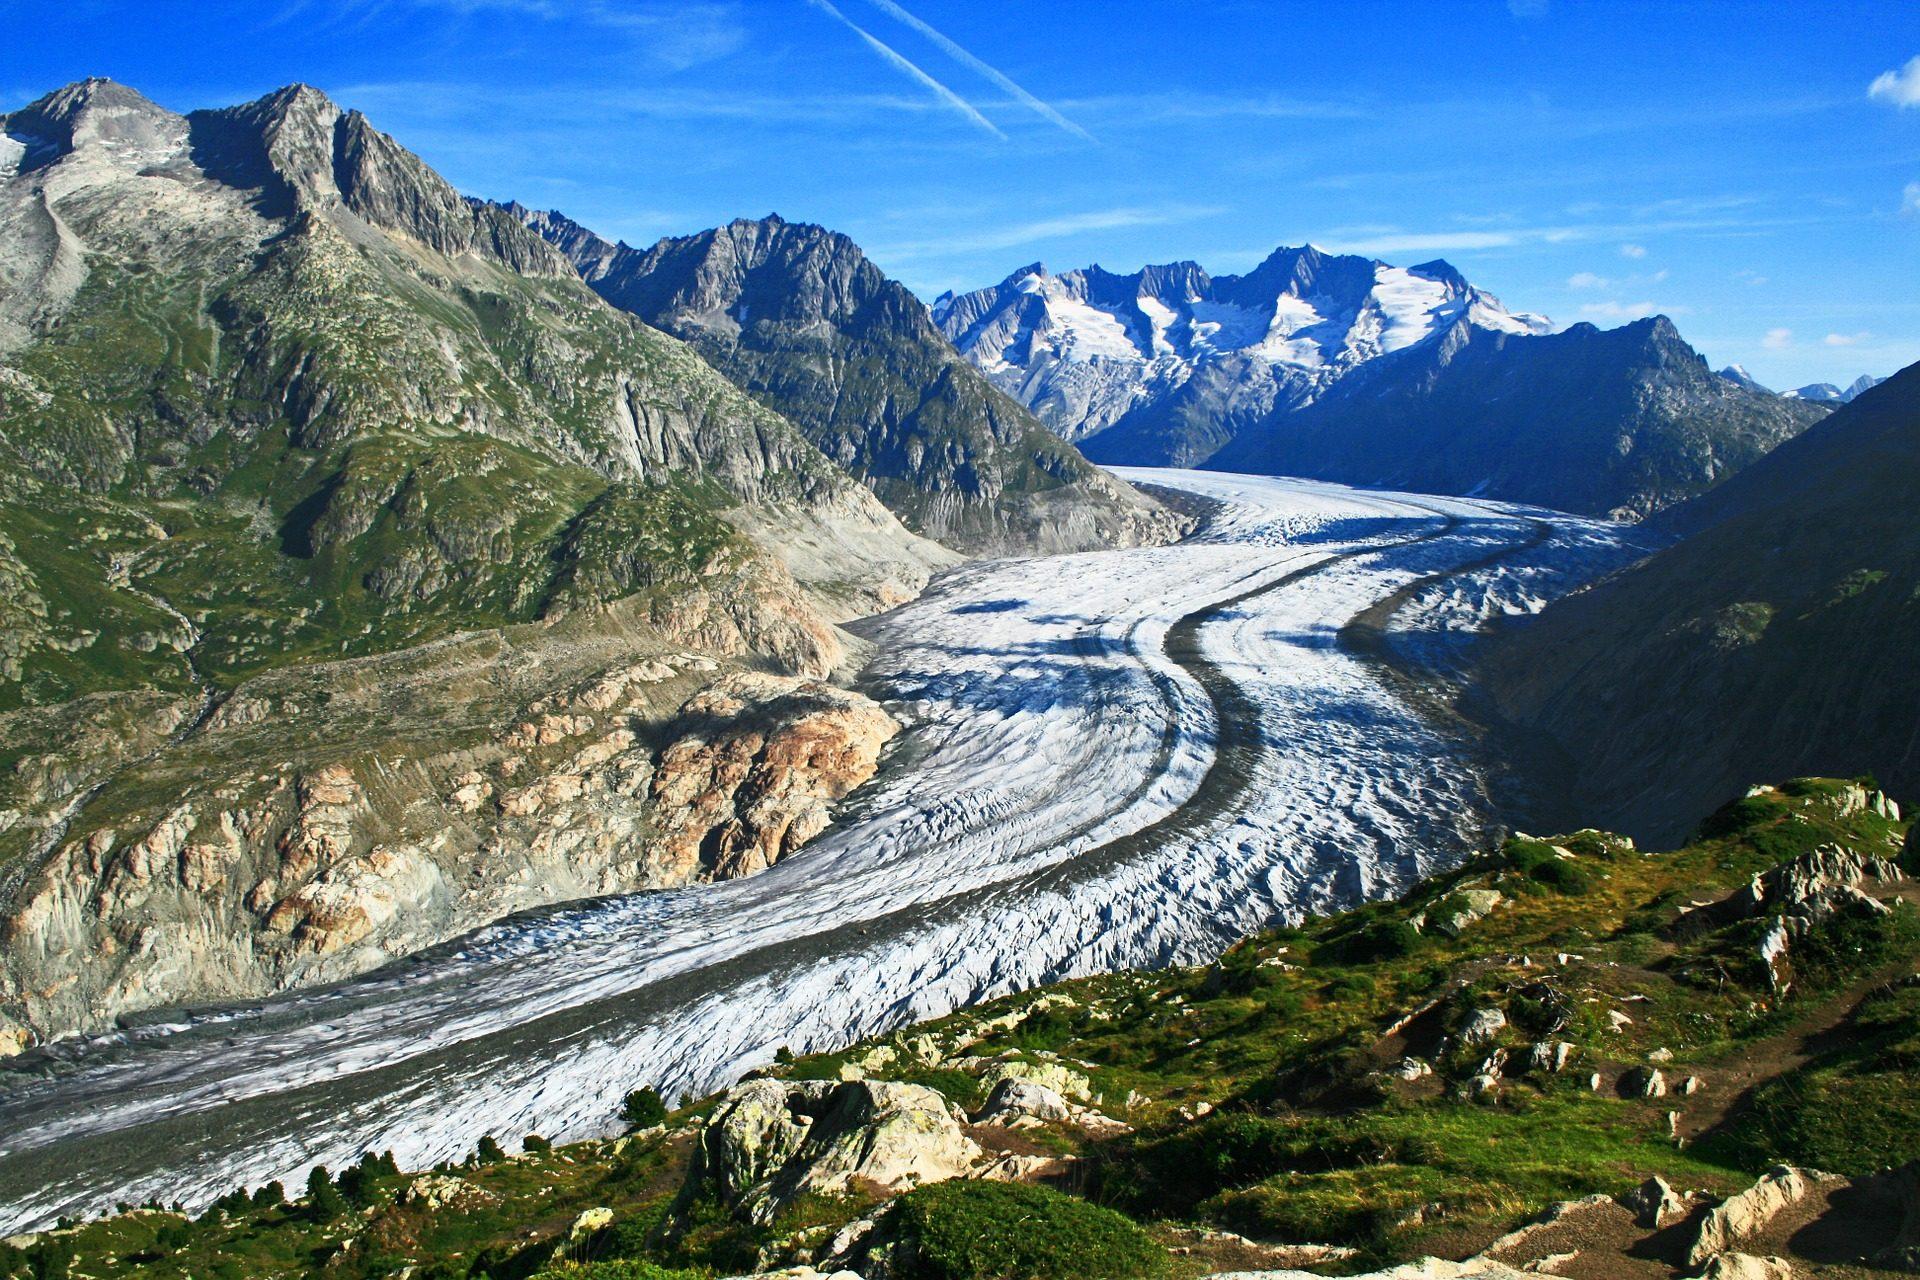 Montañas, Tal, Schnee, Gletscher, Alteschgletscher, Schweiz - Wallpaper HD - Prof.-falken.com